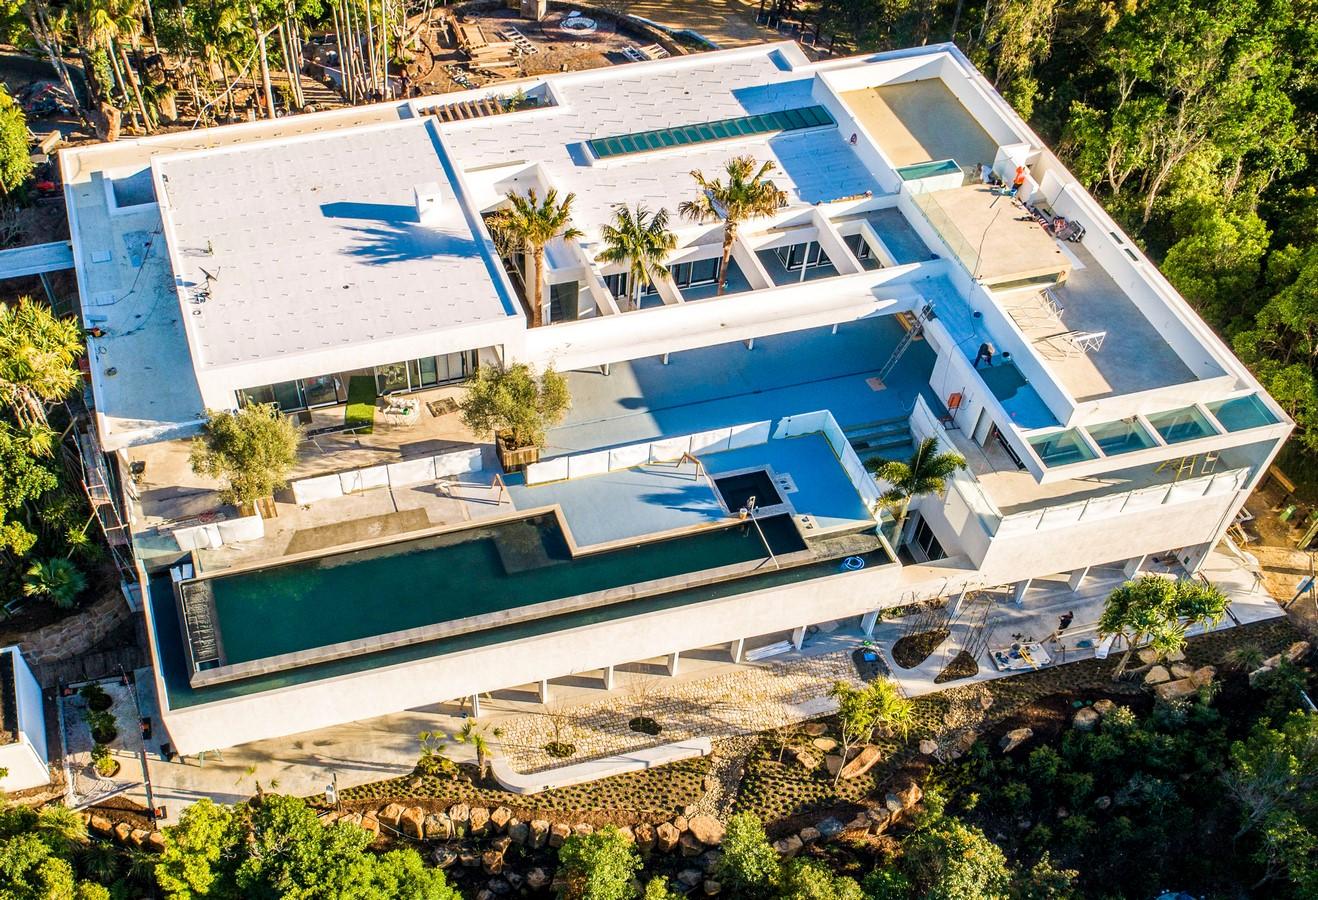 Chris Hemsworth and Elsa Pataky's Byron Bay Mansion - Sheet1